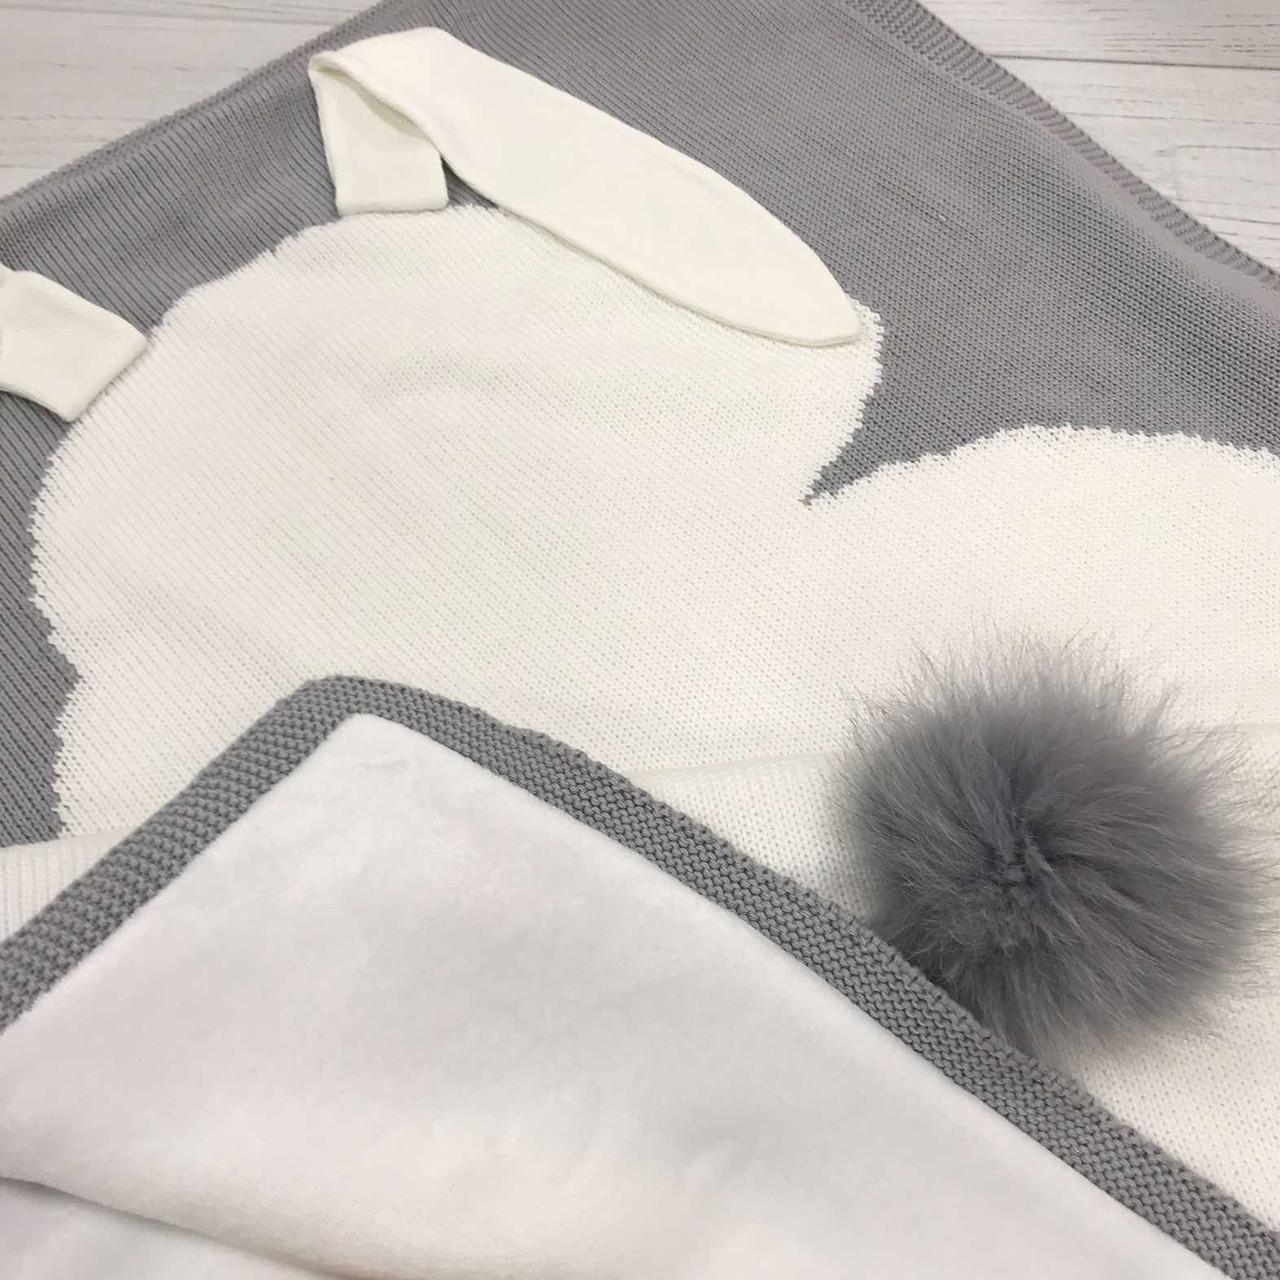 Плед вязанный двухсторонний (90% хлопок, 10% акрил) зайчик белый на сером 95*75 см